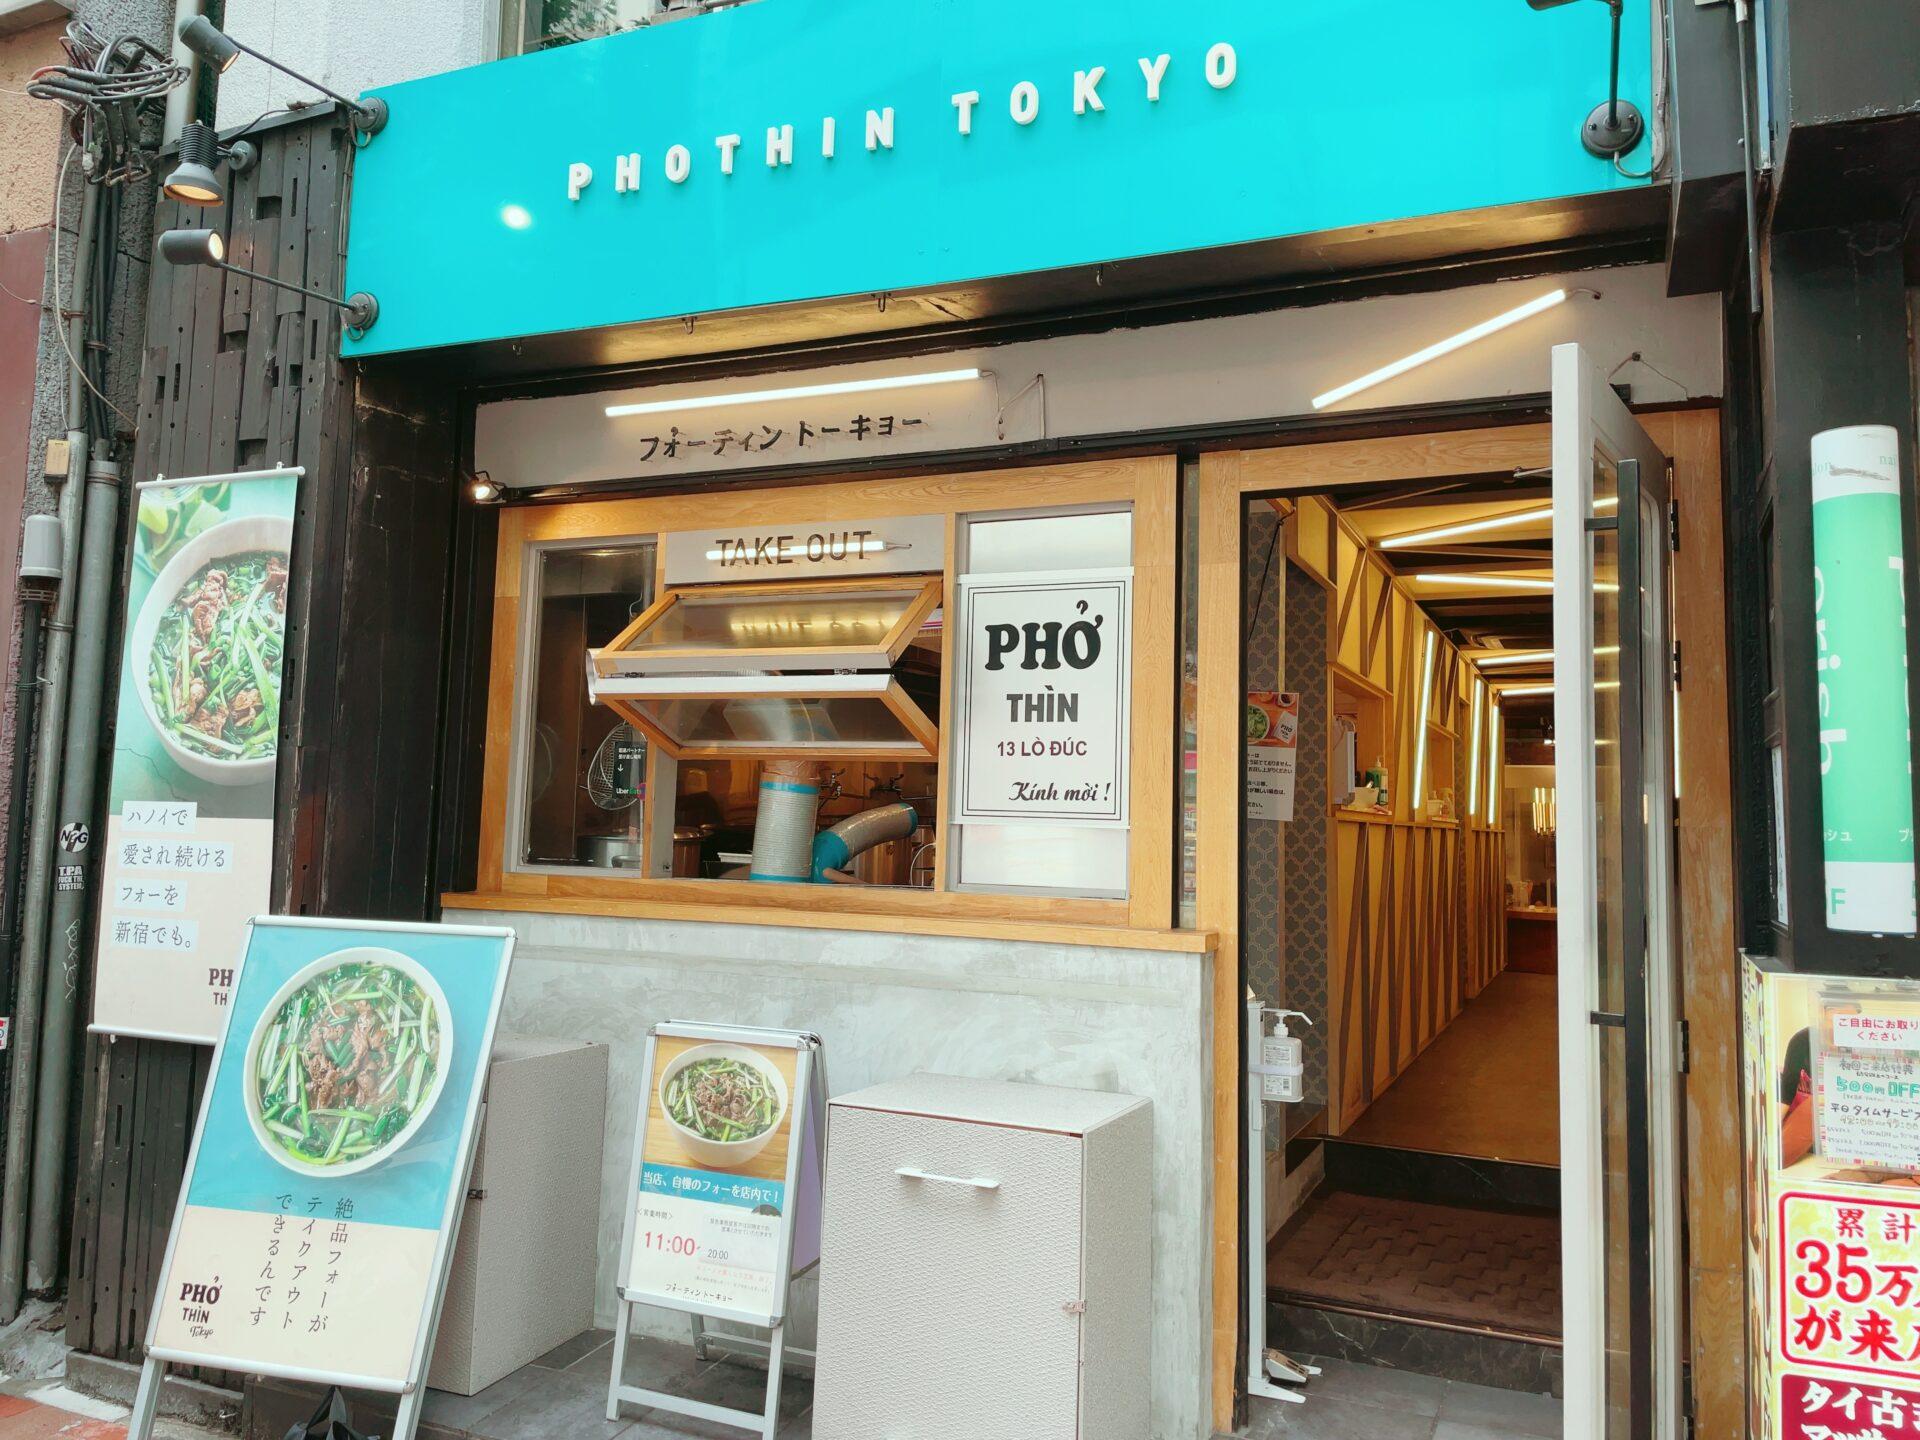 フォーティントーキョー 新宿店の外観